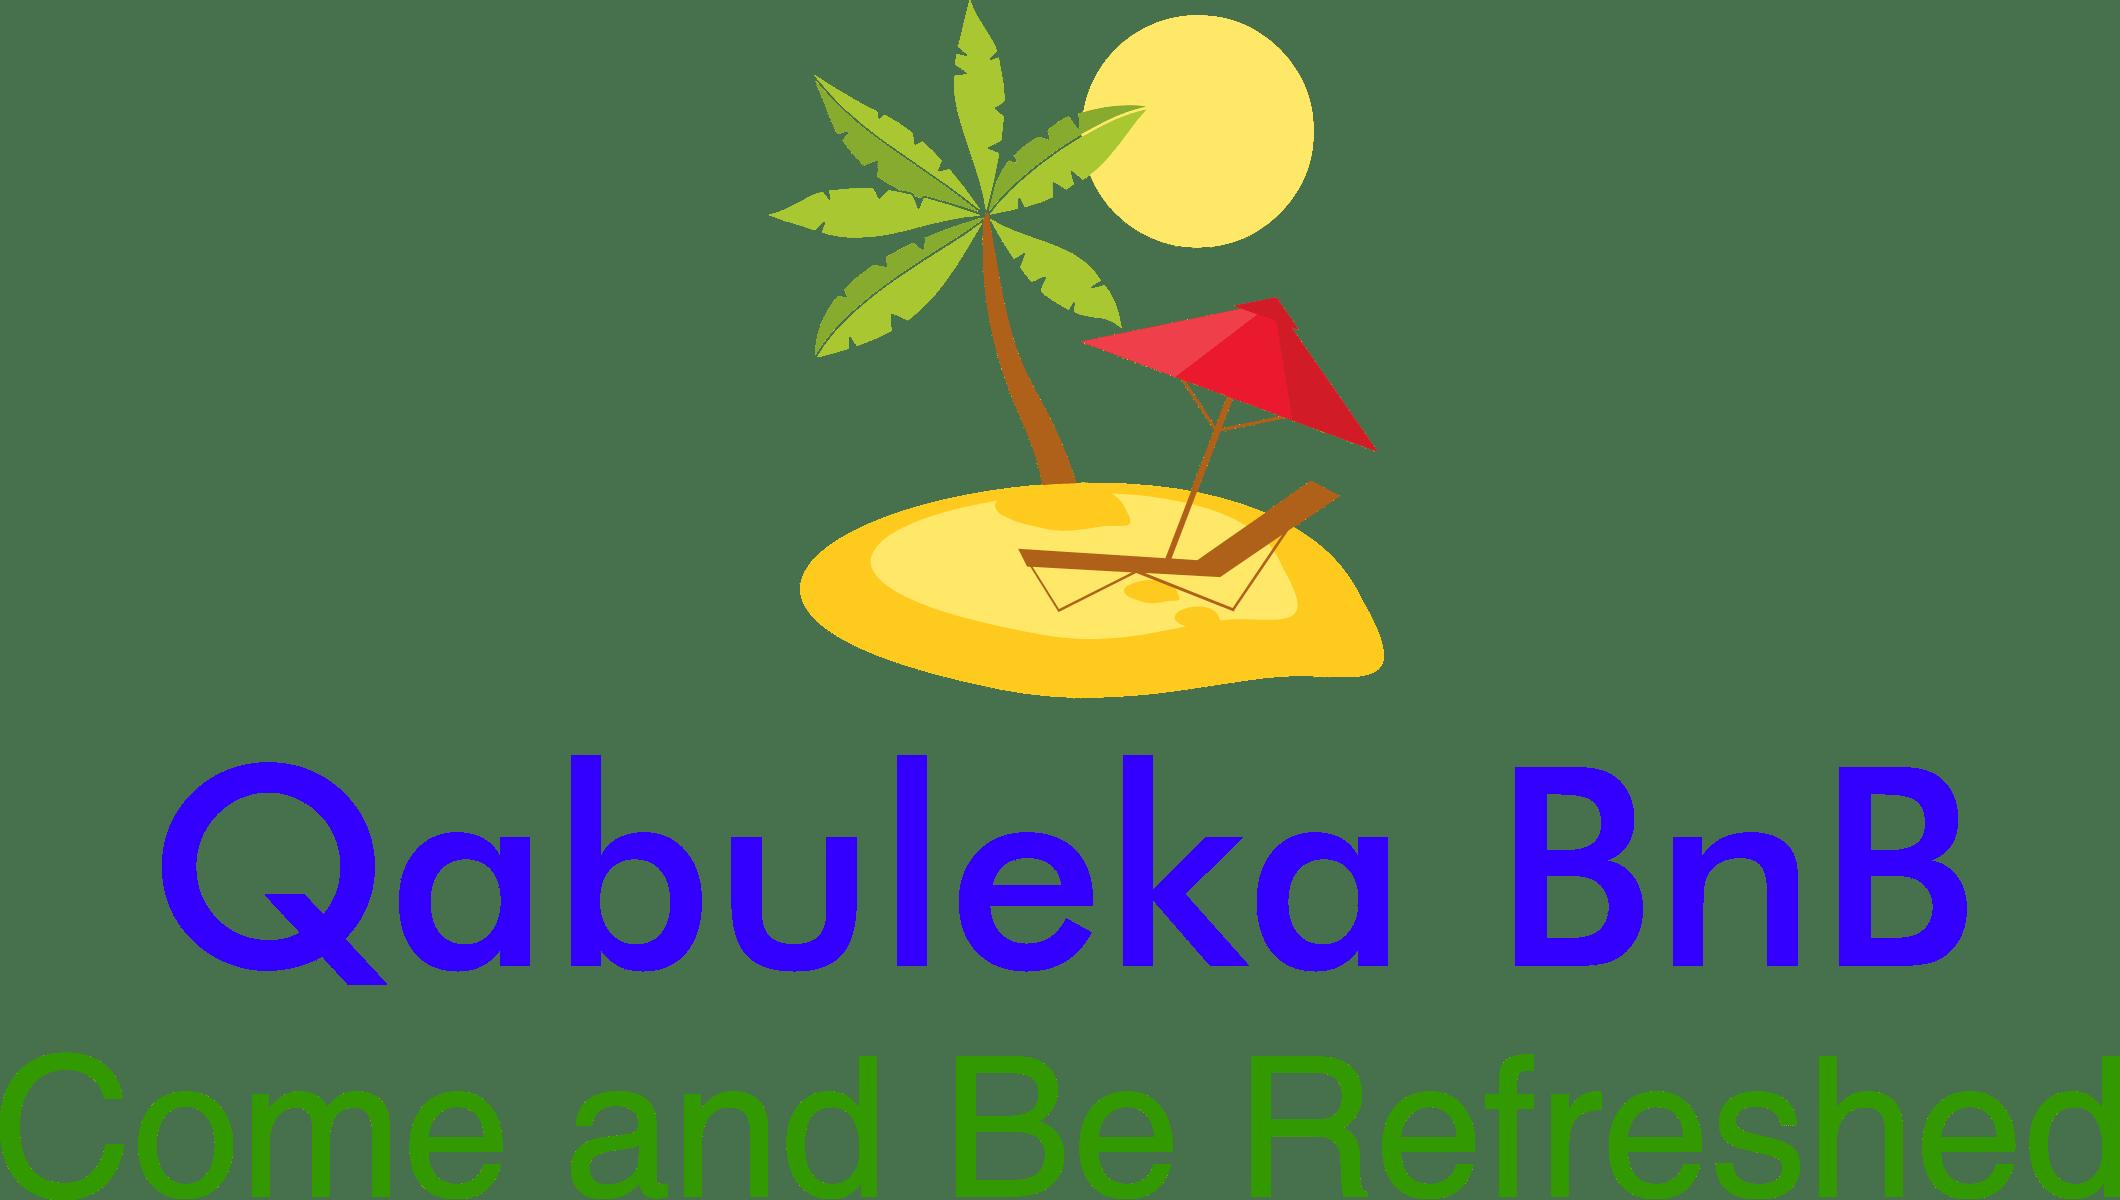 Qabuleka BnB